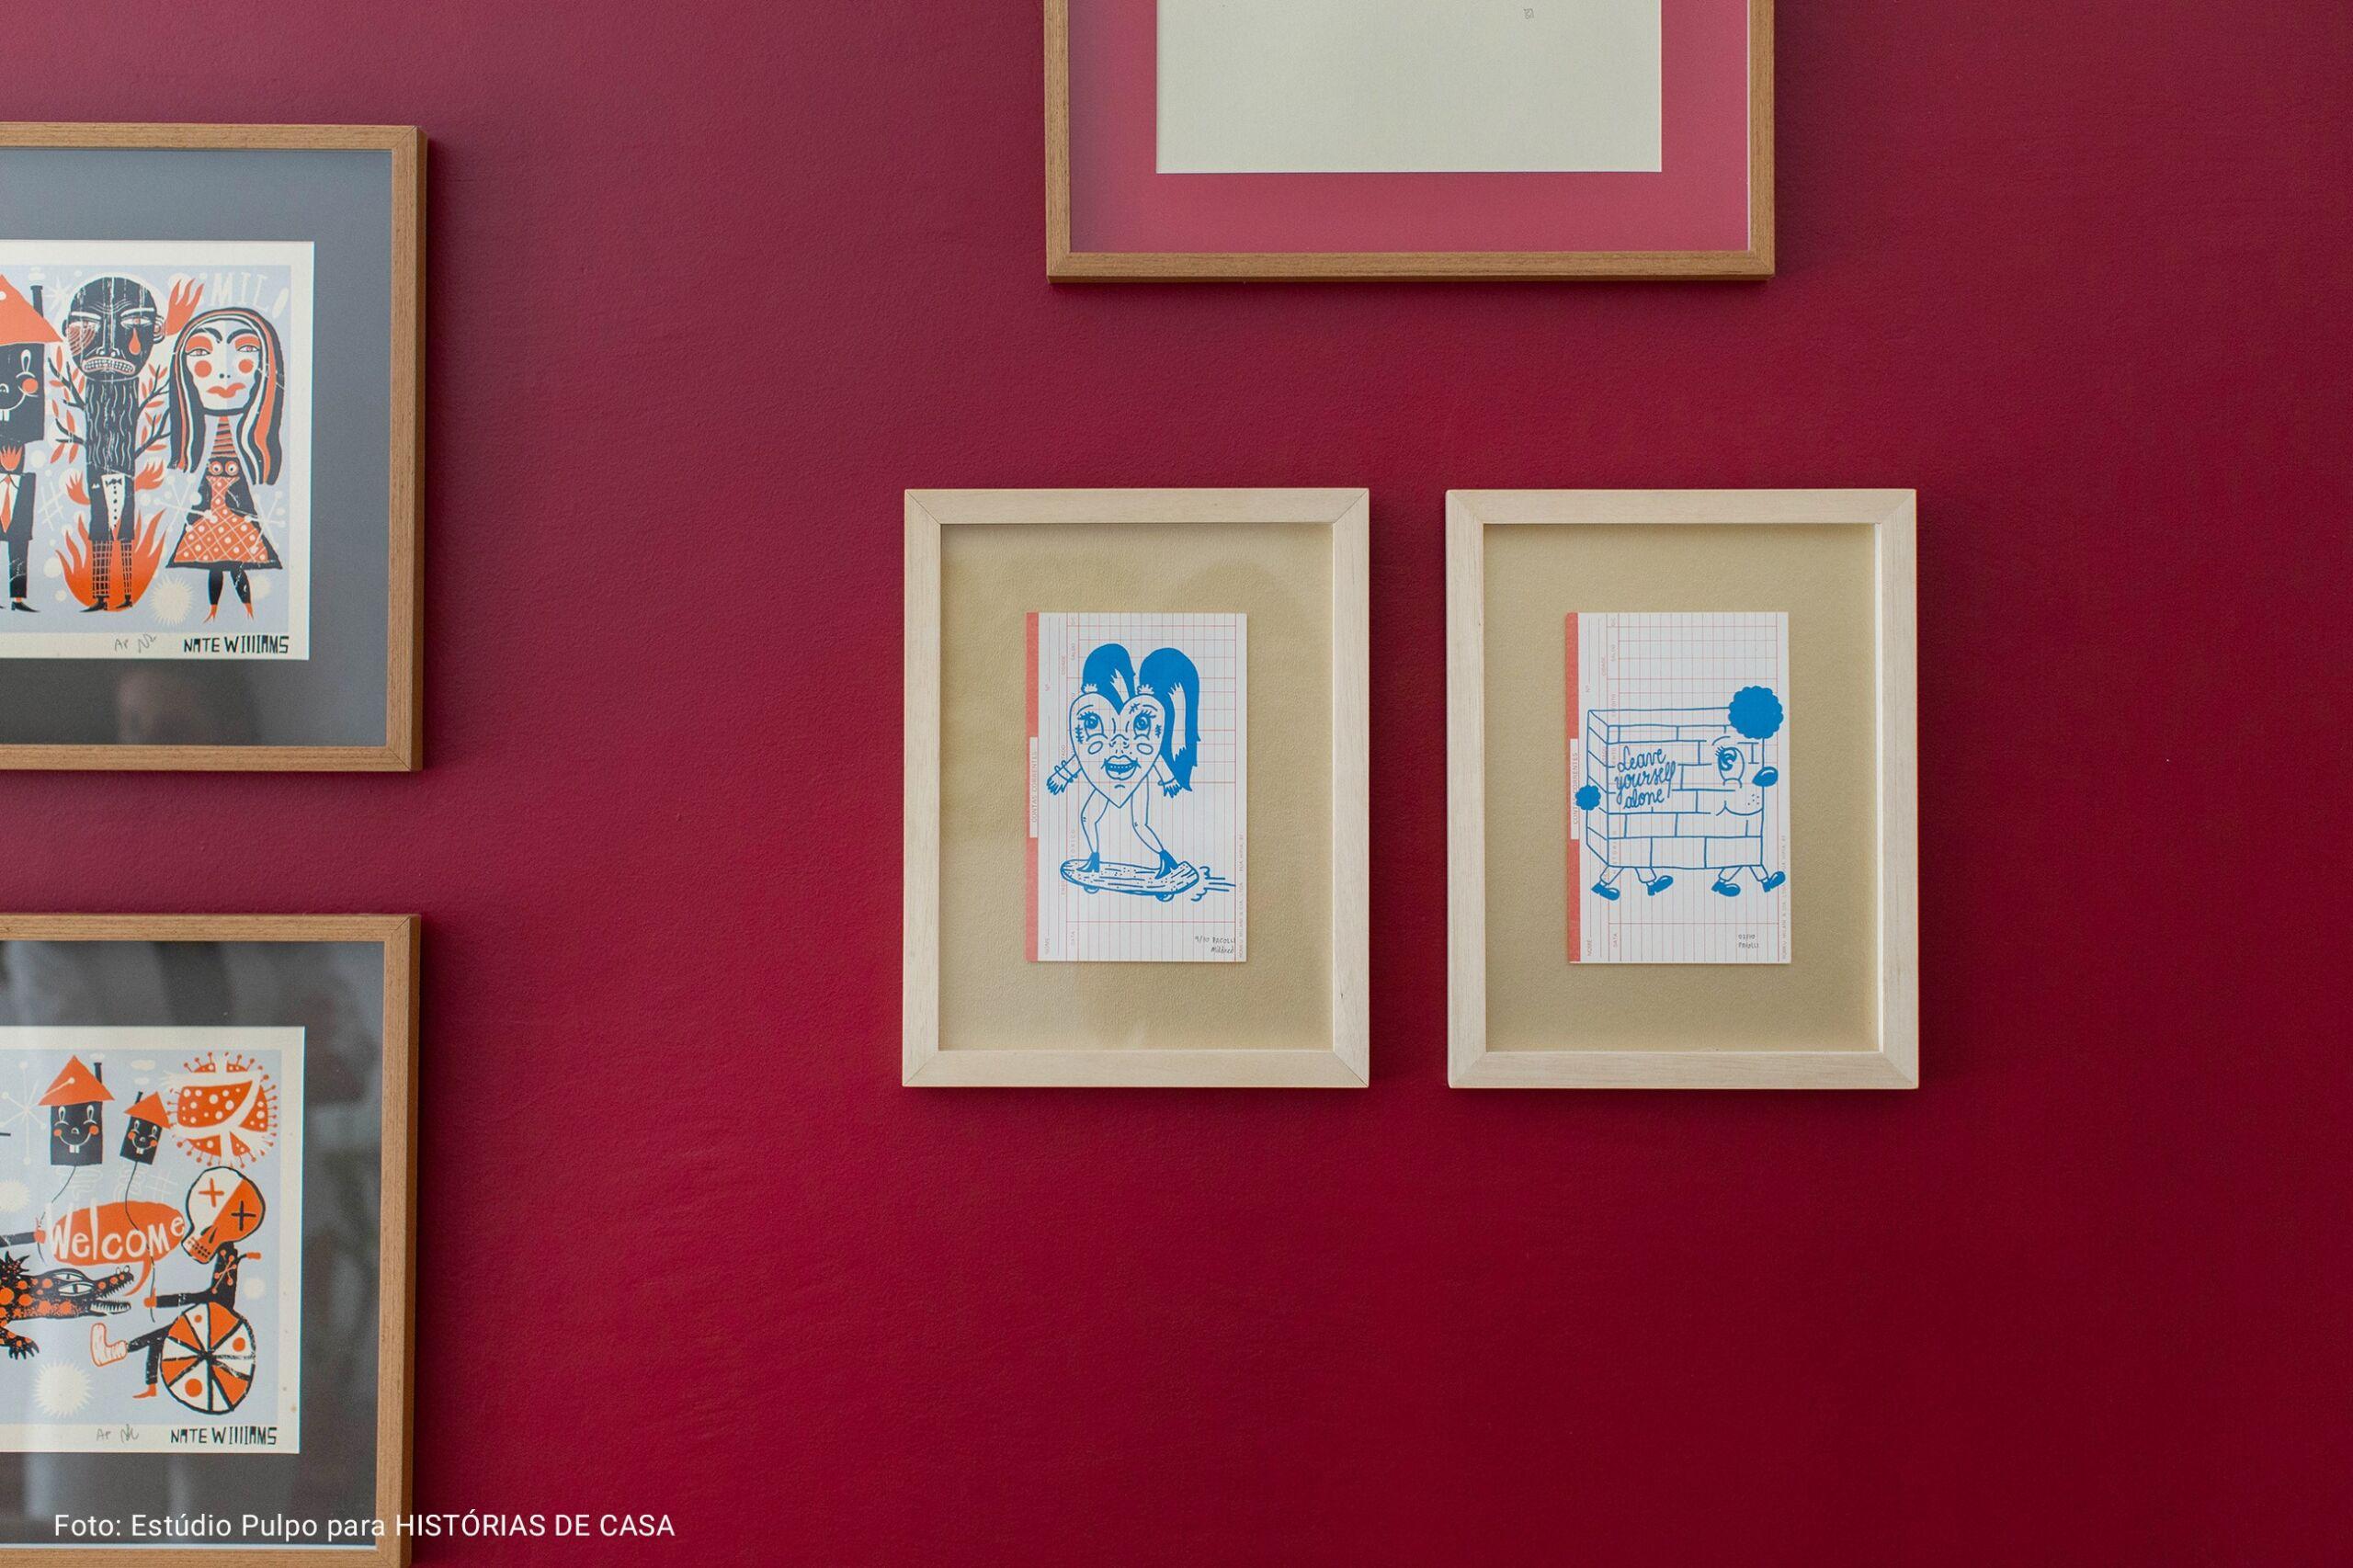 detalhe de quadros de ilustrações e fundo de palha